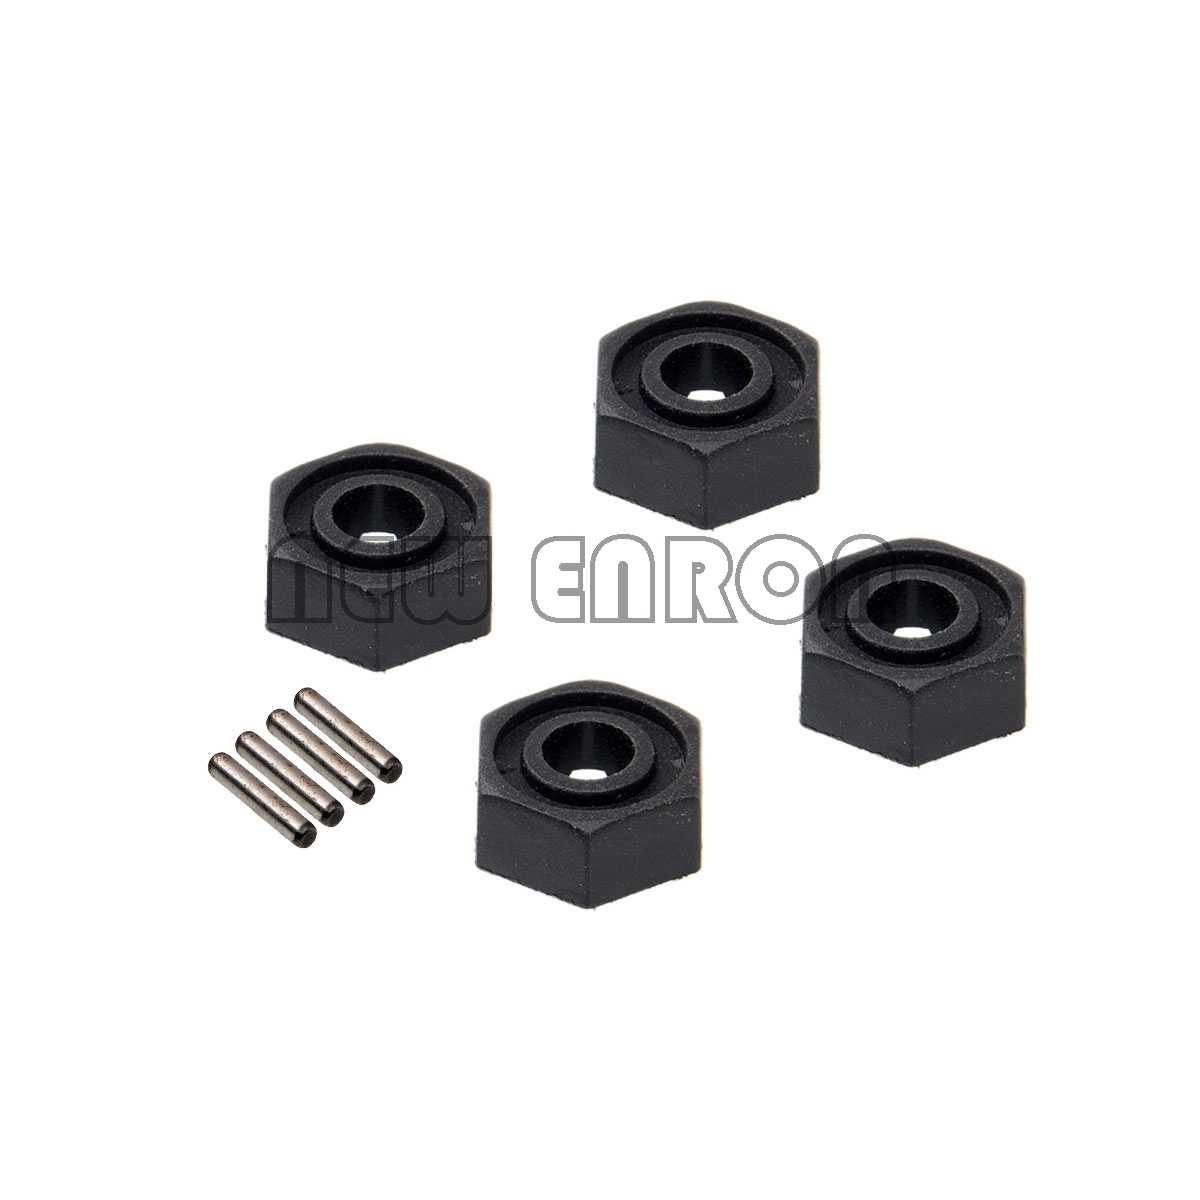 ใหม่ ENRON 4P ล้อ Hex W/Pins (2 * * * * * * * 10) r86050 RC Crawler RGT 1/10 1:10 รถบรรทุกมอนสเตอร์แผนที่ Rock Cruiser EX86100